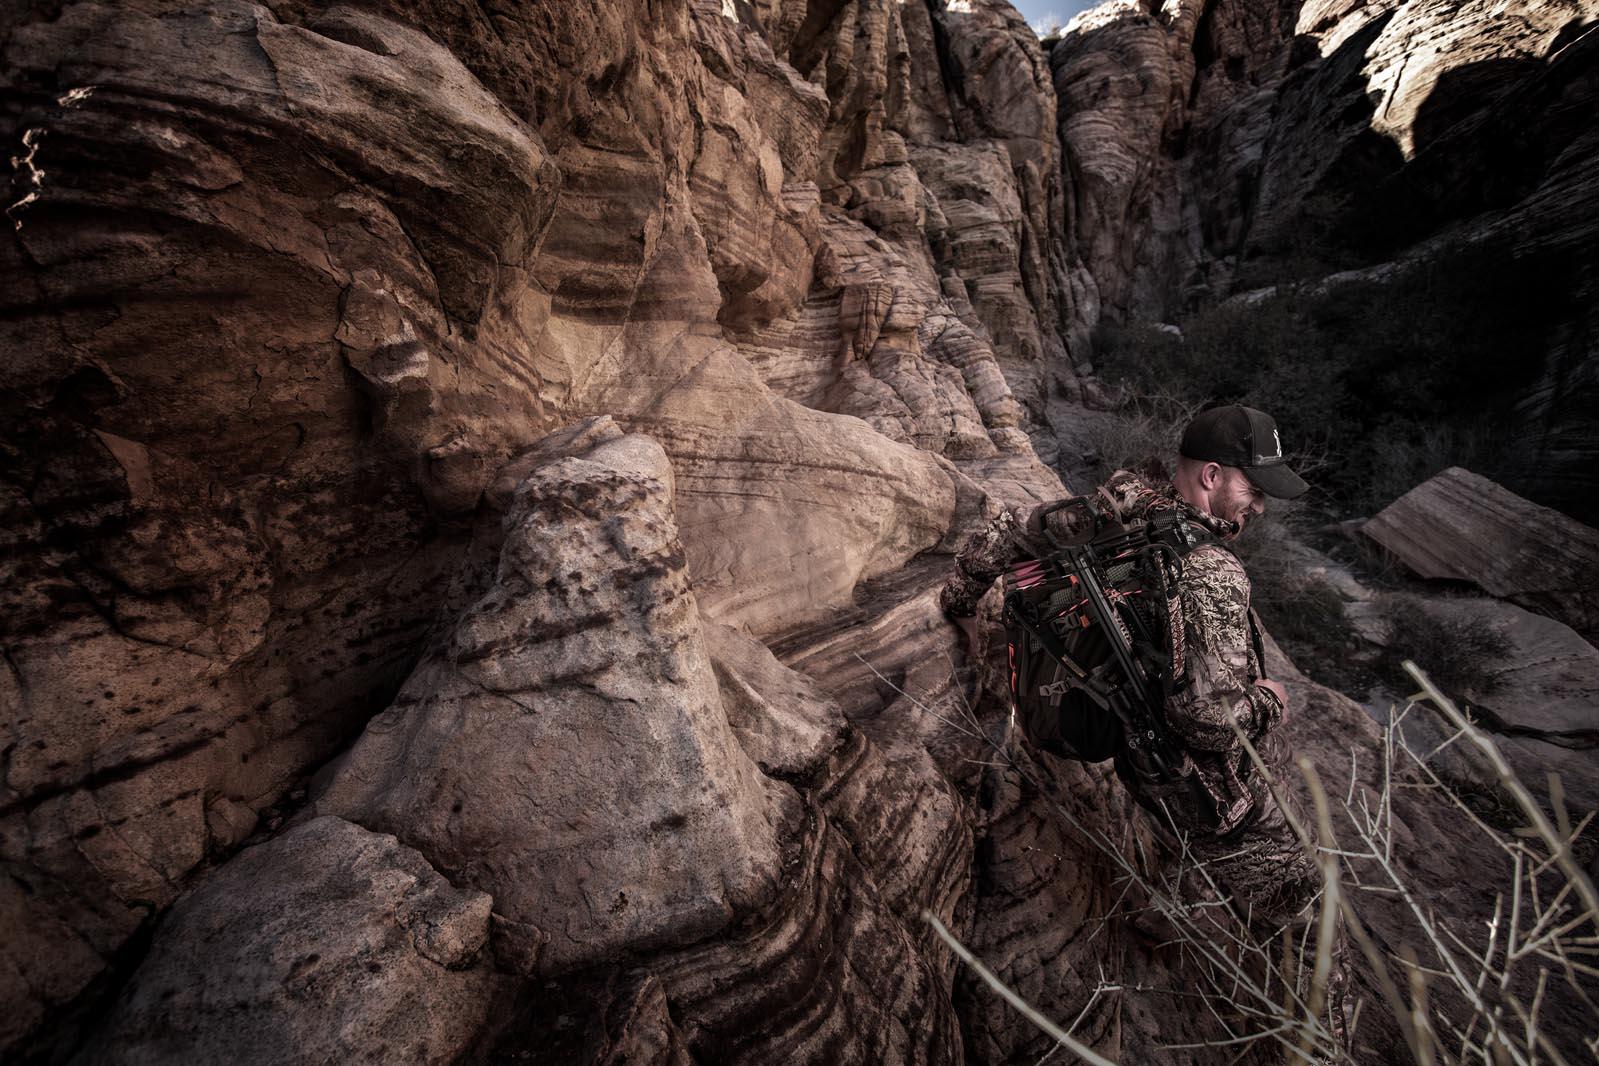 Man wearing gear climbing into a canyon after retouching